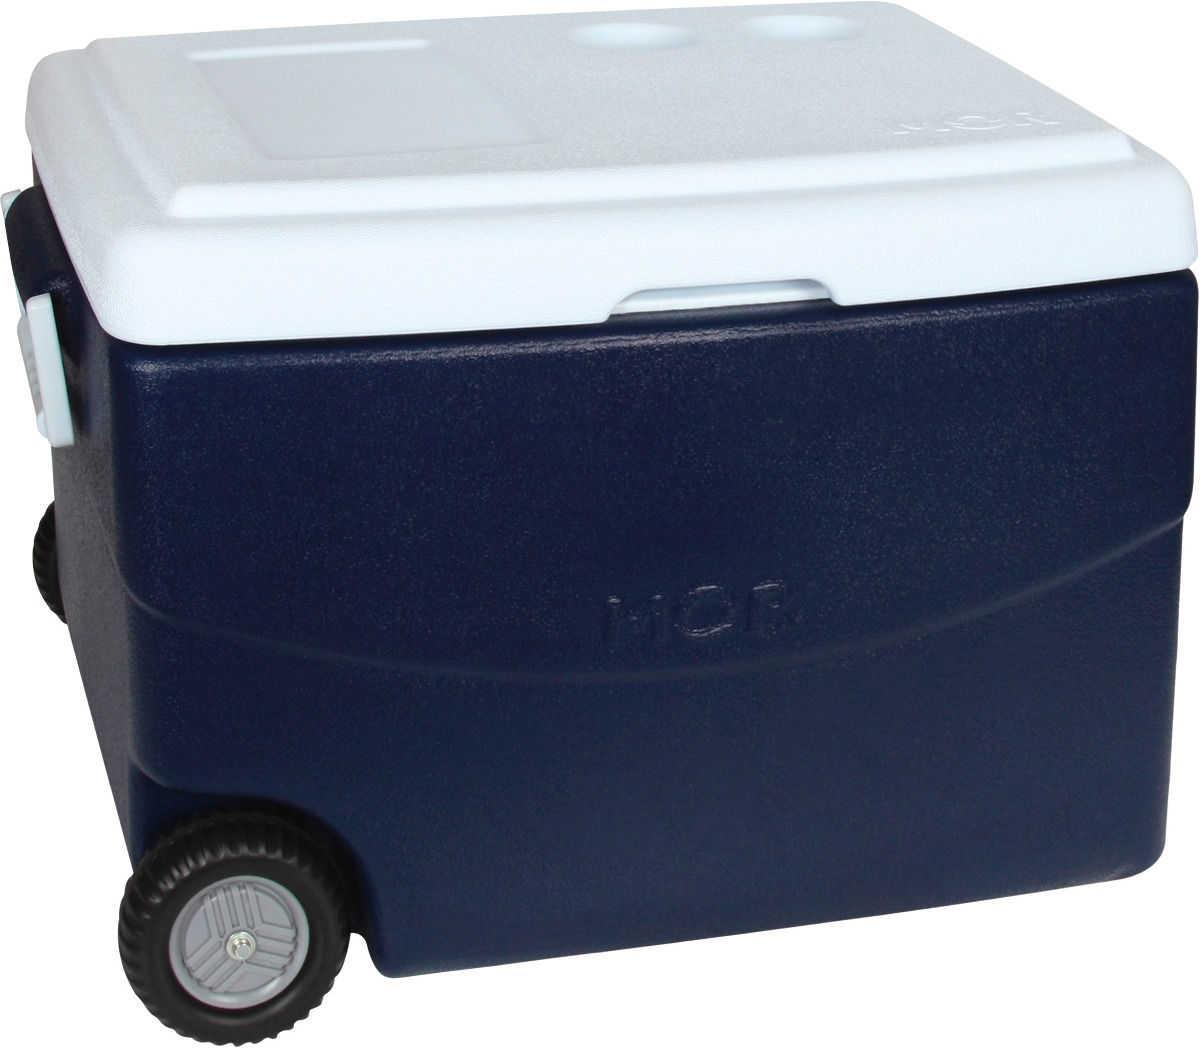 Caixa Termica 70 Litros Glacial Azul Mor Cooler Com Rodinhas